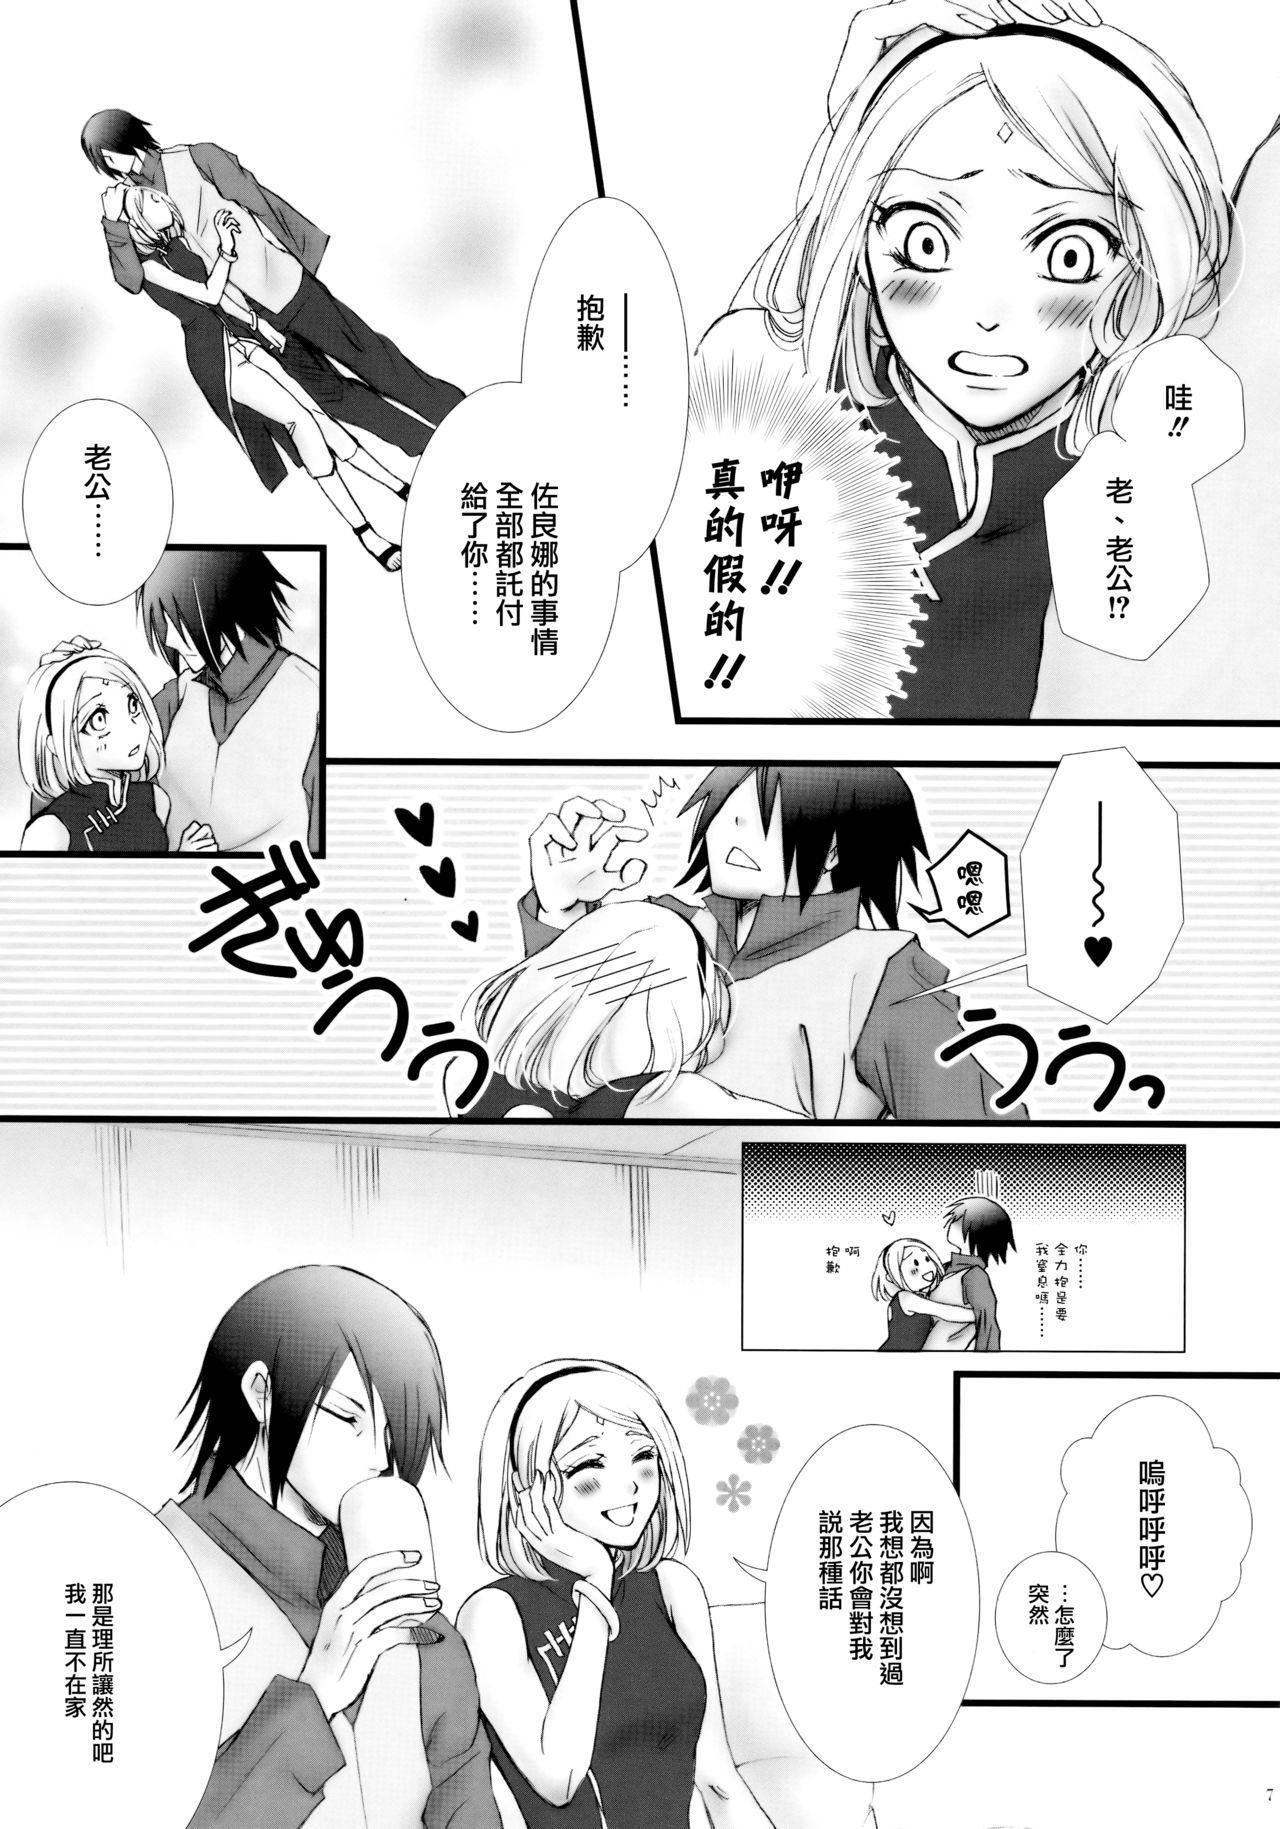 Himitsu no Jikan 5